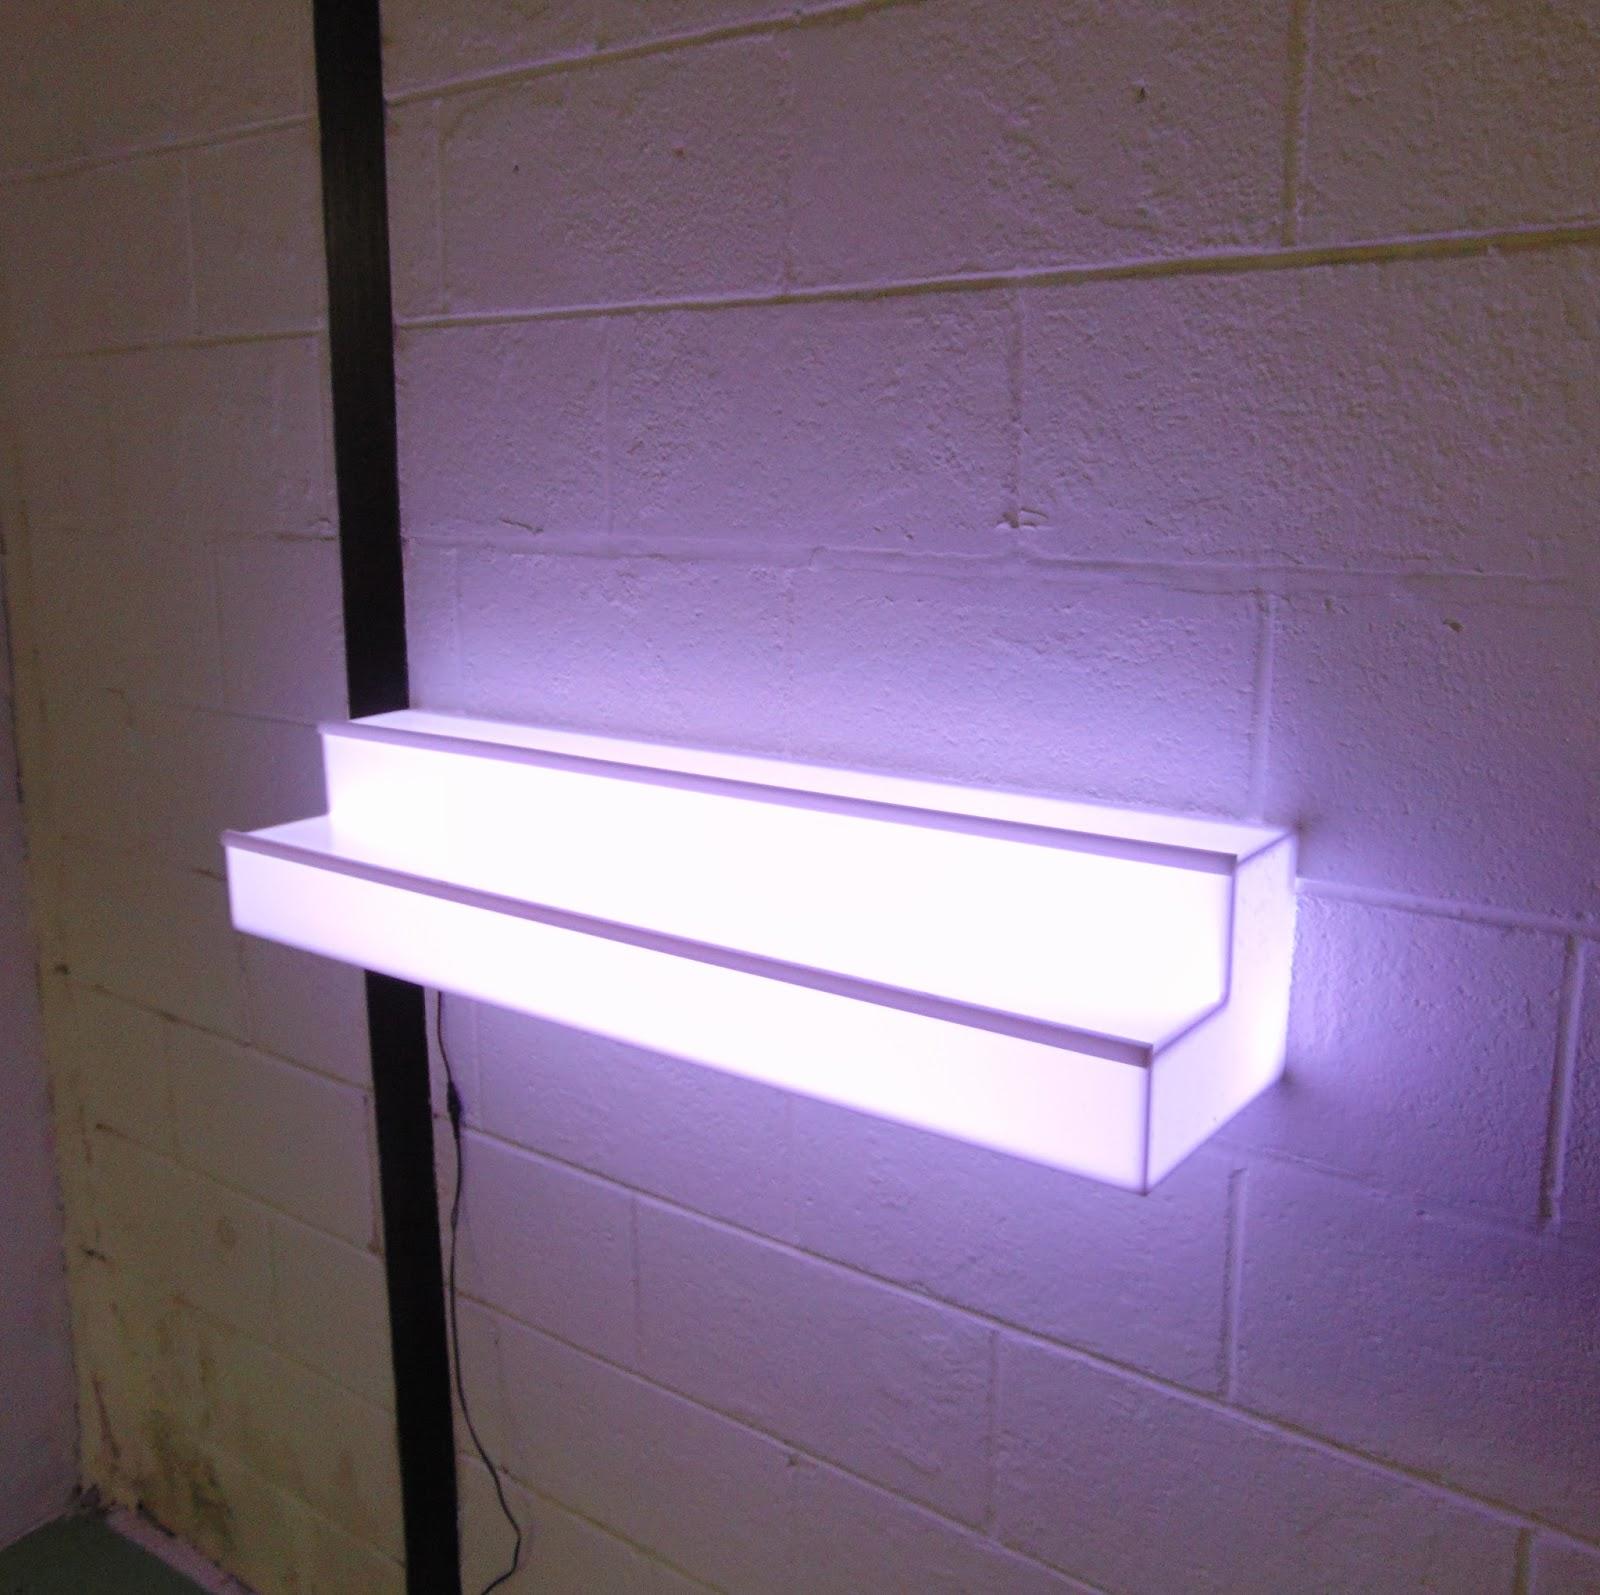 barchefs light up shelf designs. Black Bedroom Furniture Sets. Home Design Ideas